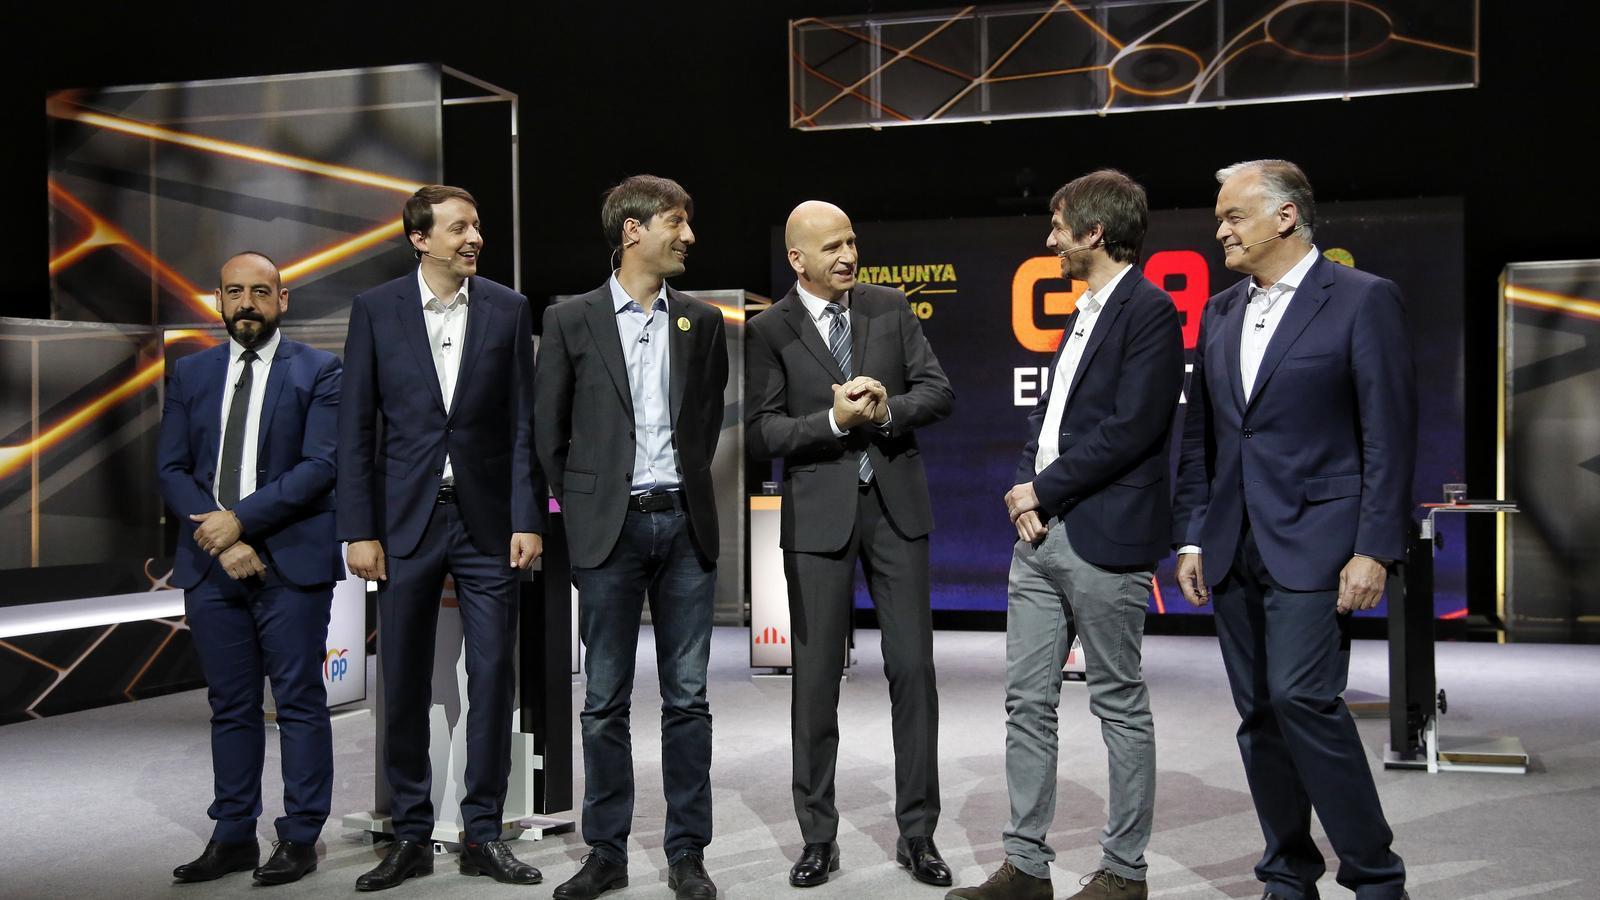 L'absència de Junqueras i Puigdemont marca el debat a TV3